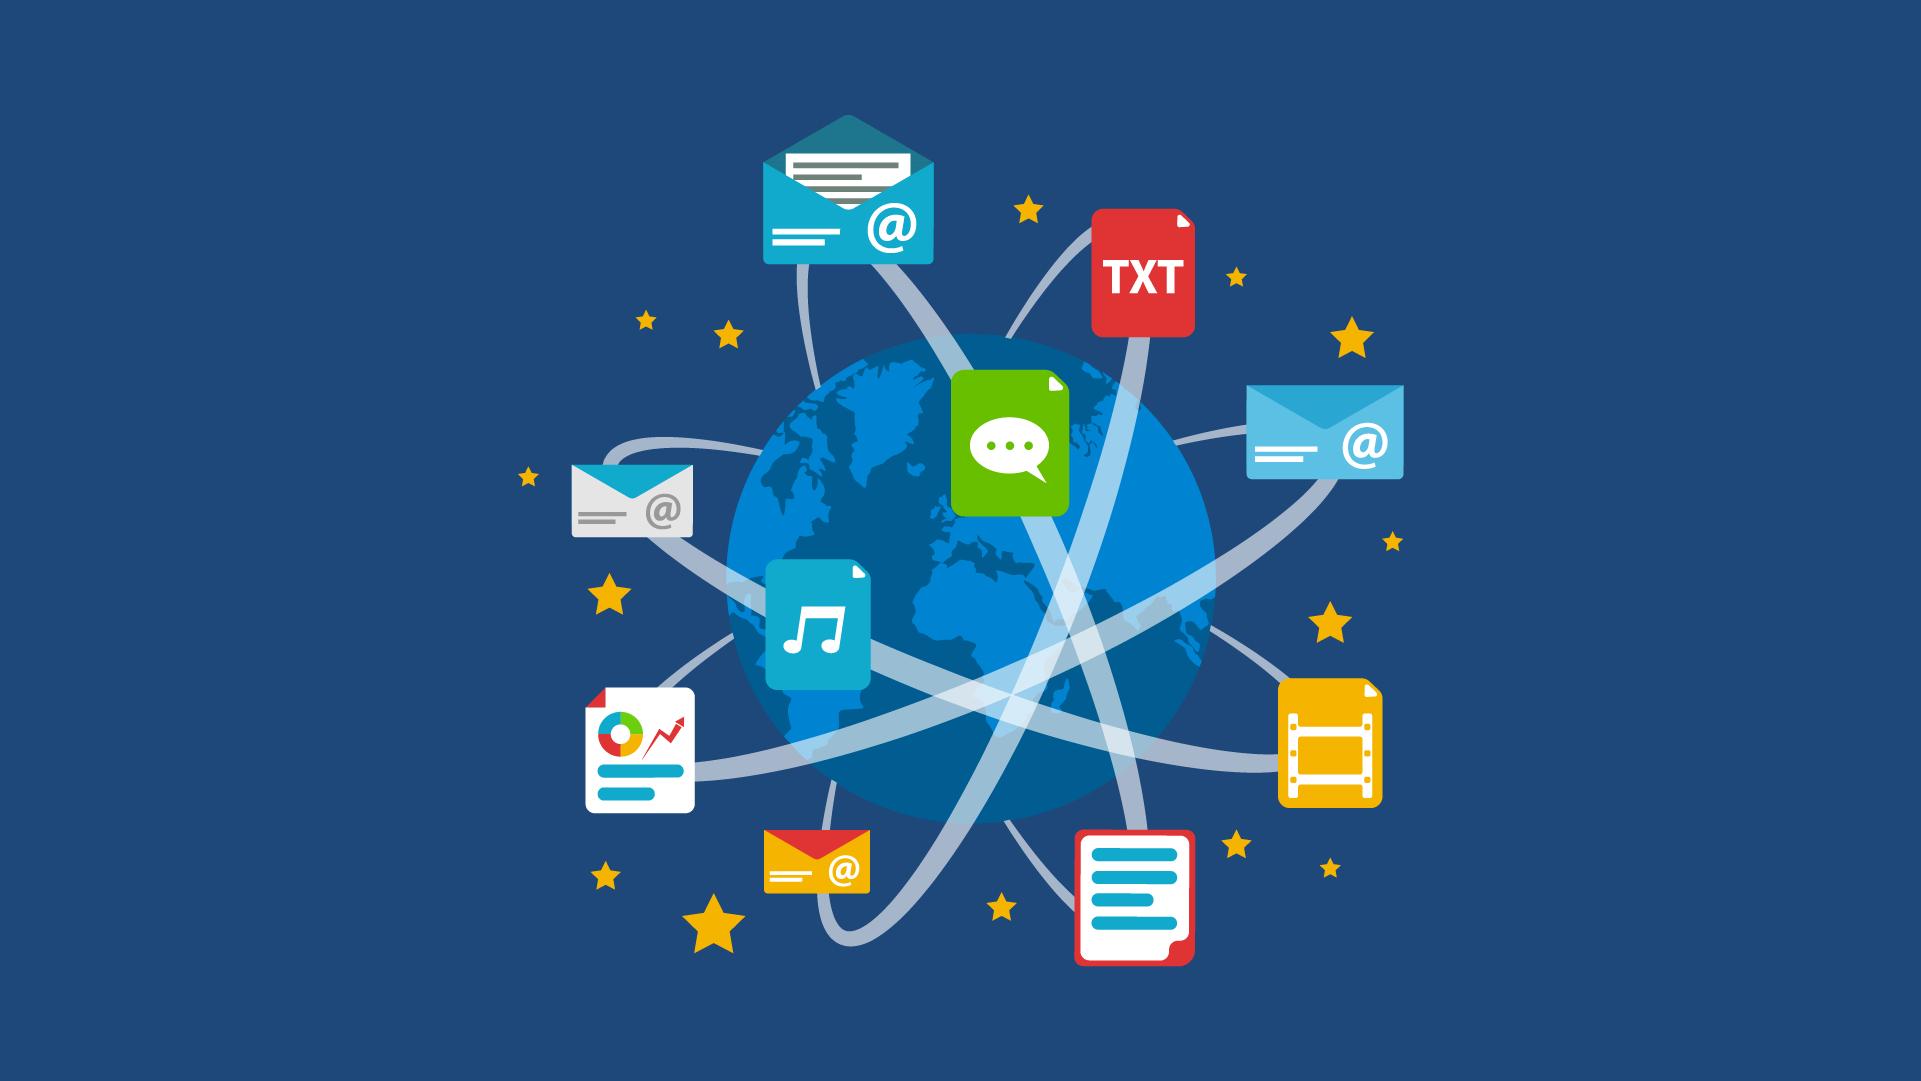 Dia da Internet - Globo com conexões e possibilidades